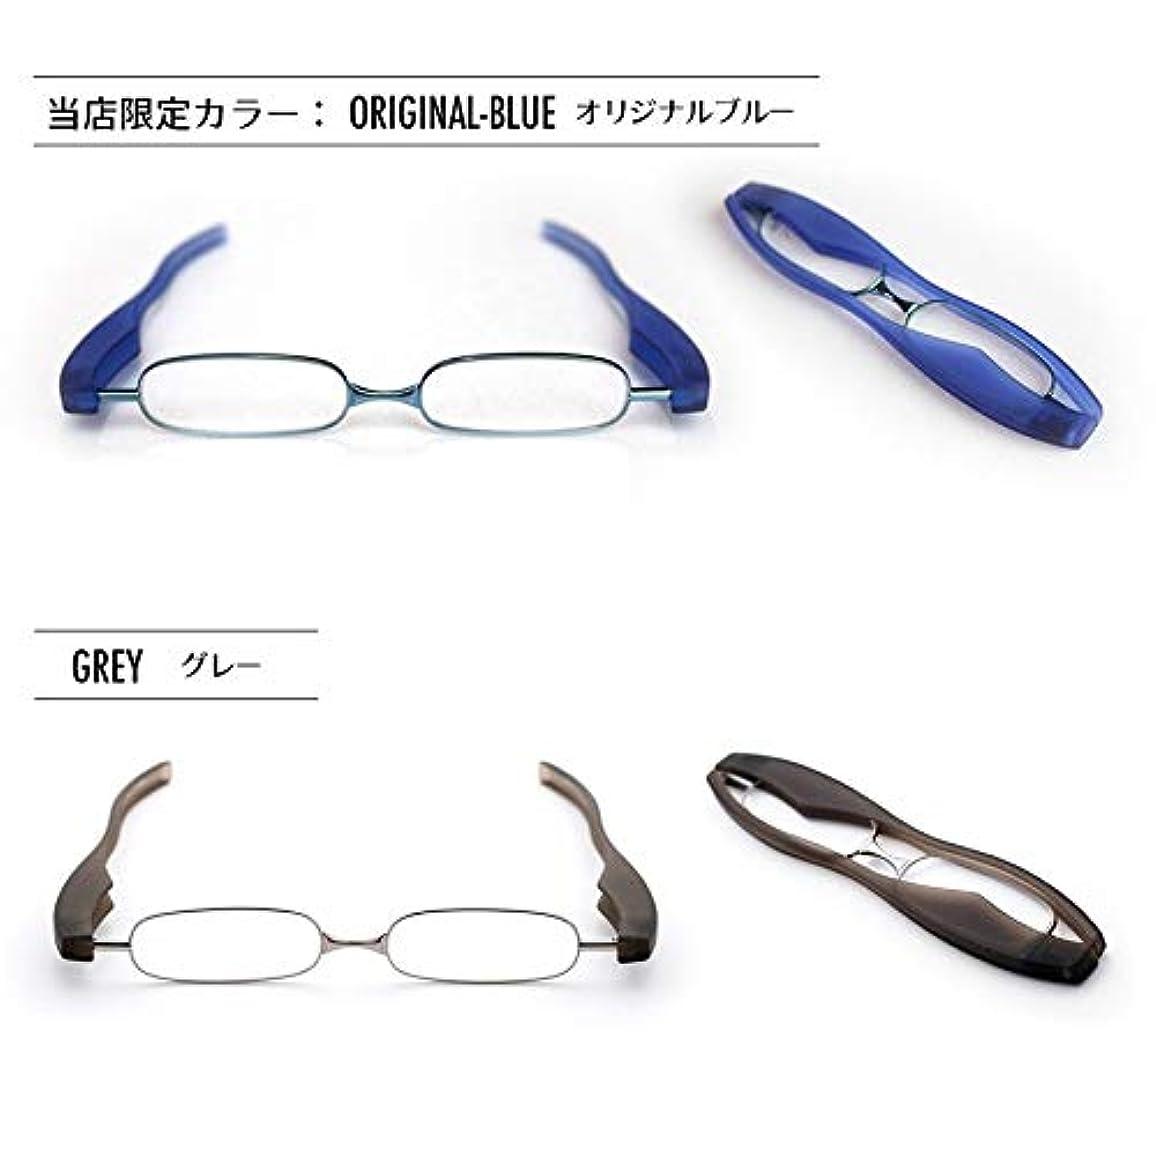 気がついて省略する群衆老眼鏡 ポットリーダースマート 2本セット【オリジナルブルー(2.0)】+【グレー(1.0)】